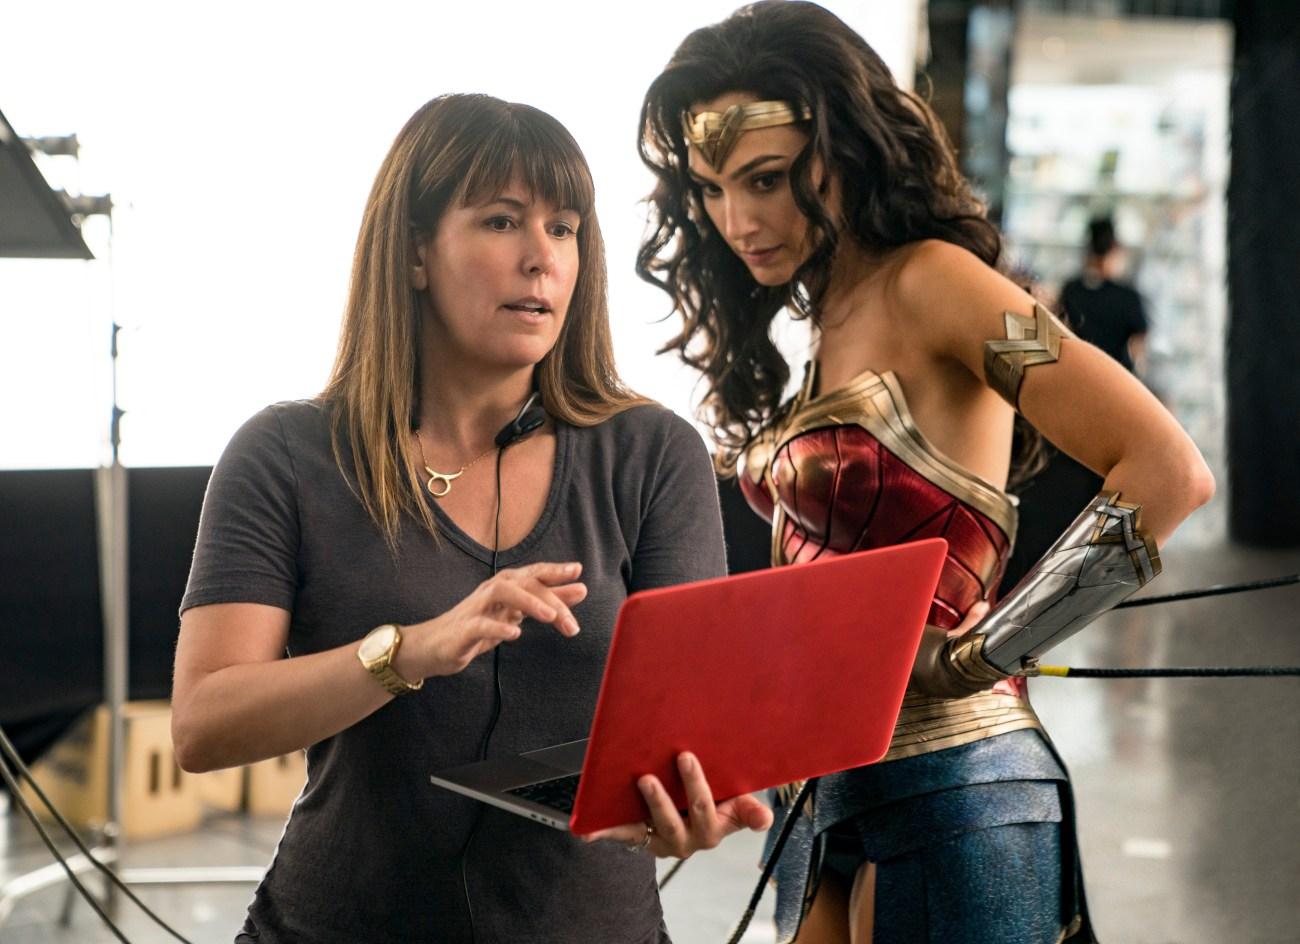 La directora Patty Jenkins y Gal Gadot en el set de Wonder Woman 1984 (2020). Imagen: Warner Bros. Entertainment, Inc./Clay Enos/DC Comics